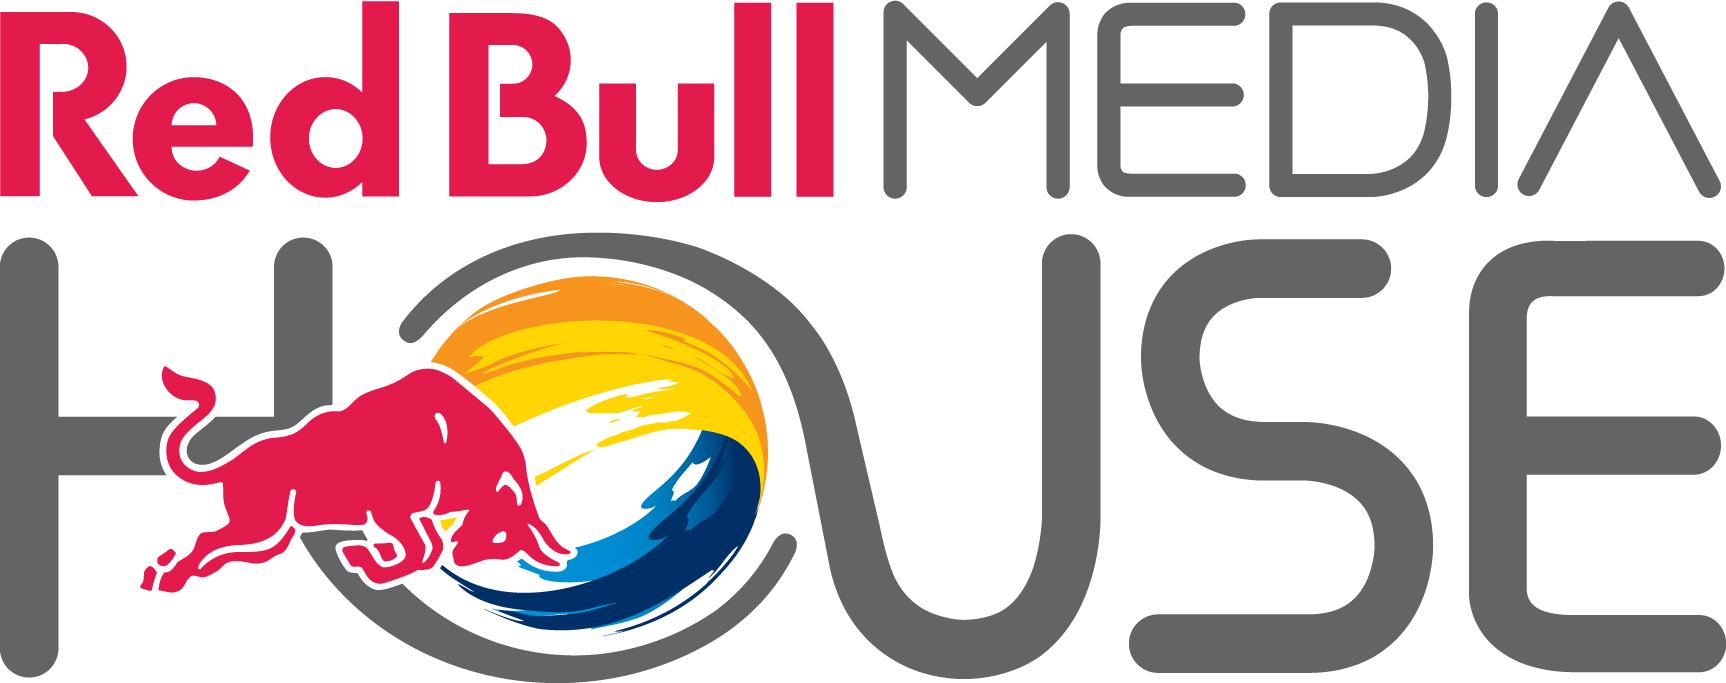 Red-Bull-Media-House-Logo-1.png